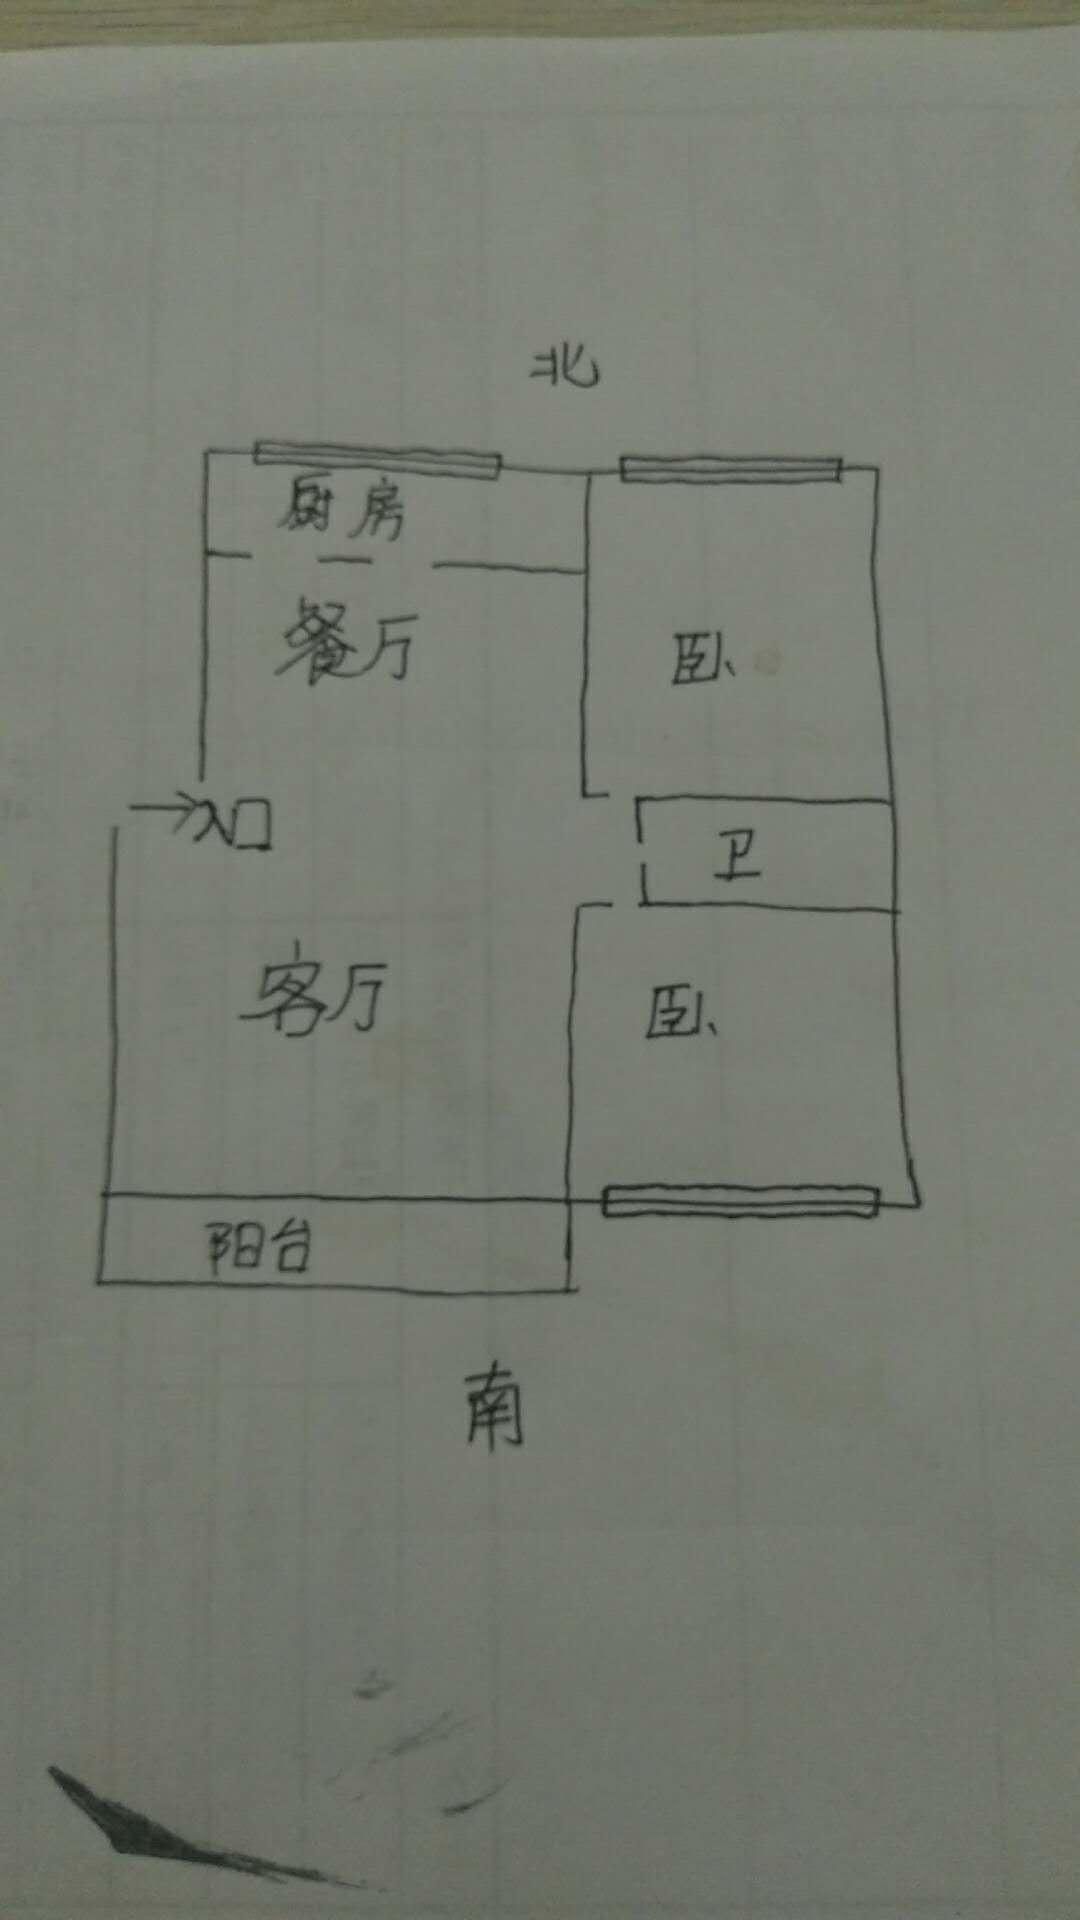 袁桥社区 2室2厅 3楼